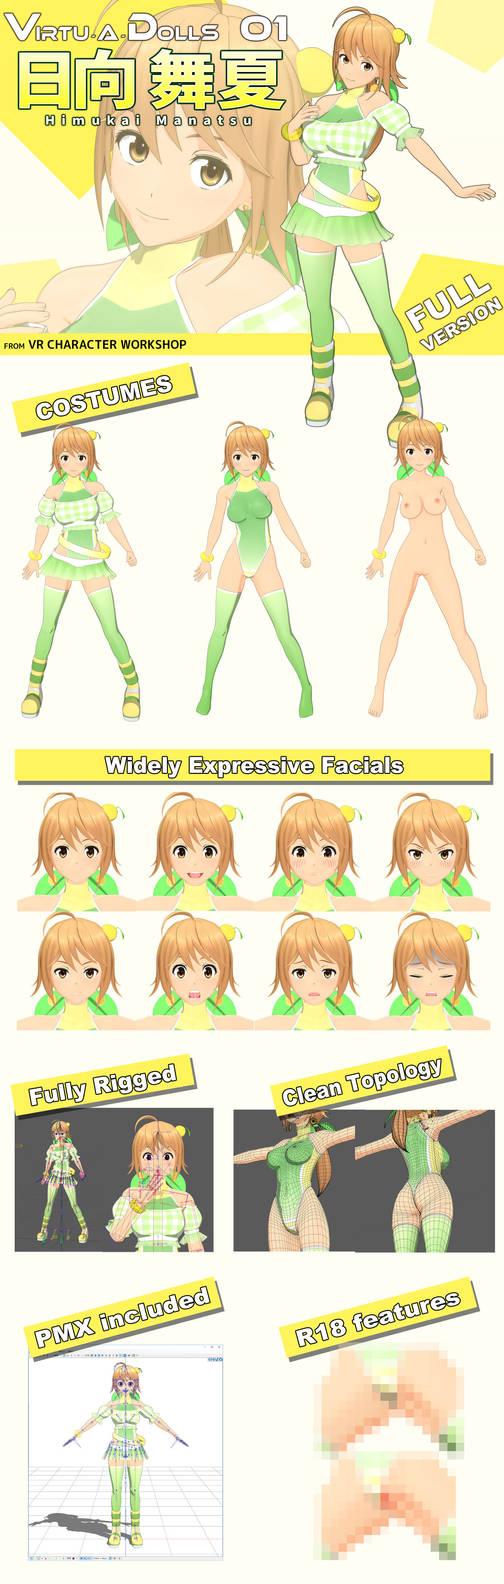 Virtu-A-Dolls 01: Himukai Manatu, full ver info by kafuji